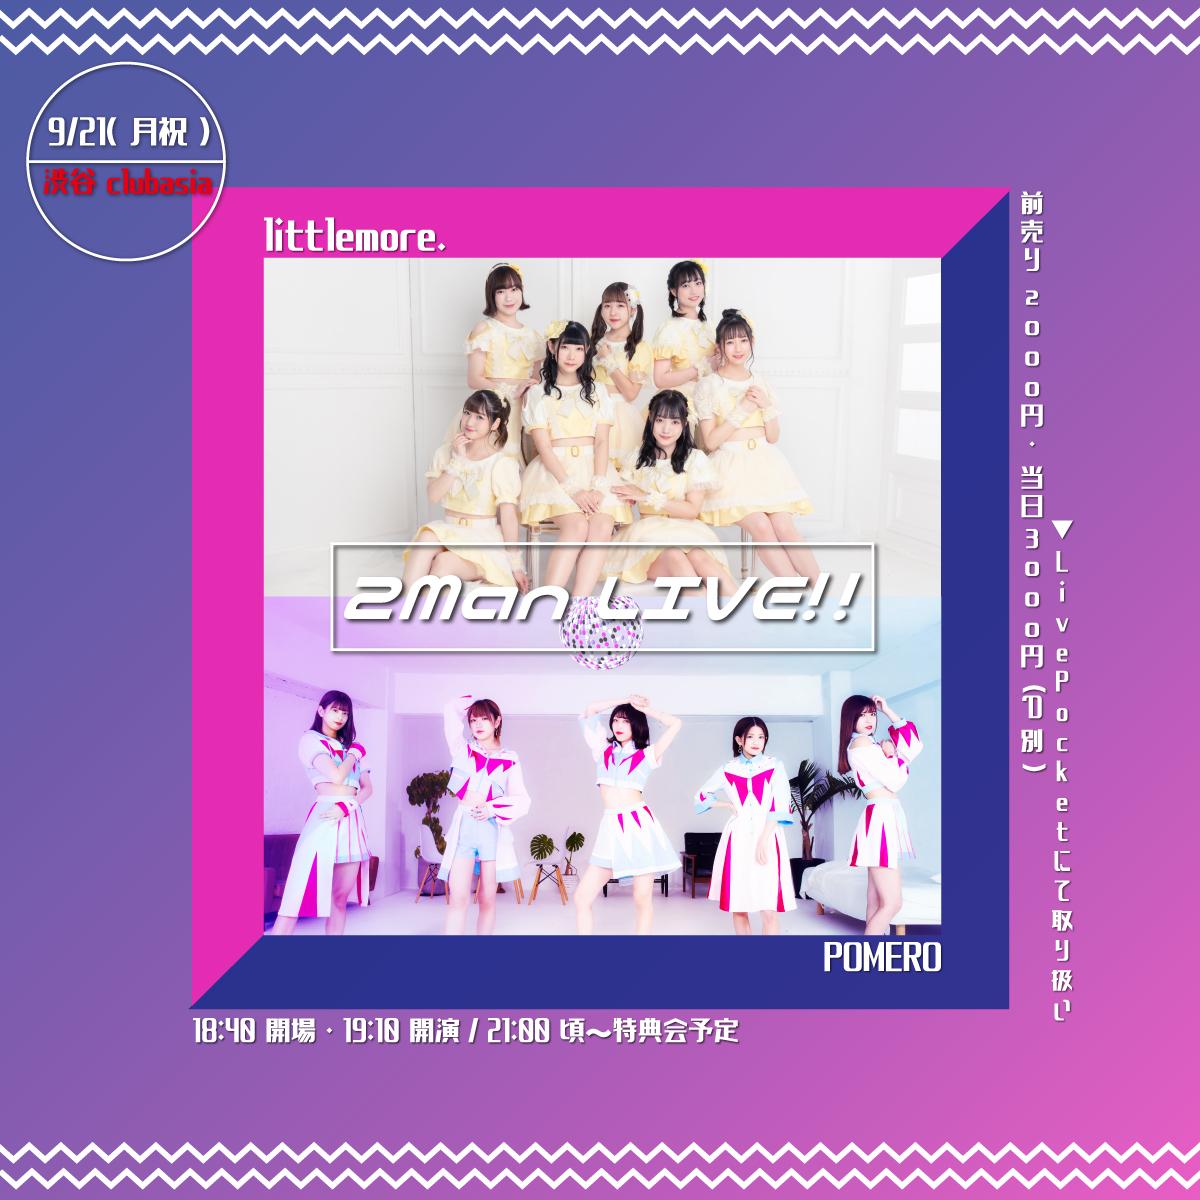 9/21(月祝) littlemore. × POMERO 2Man LIVE!!